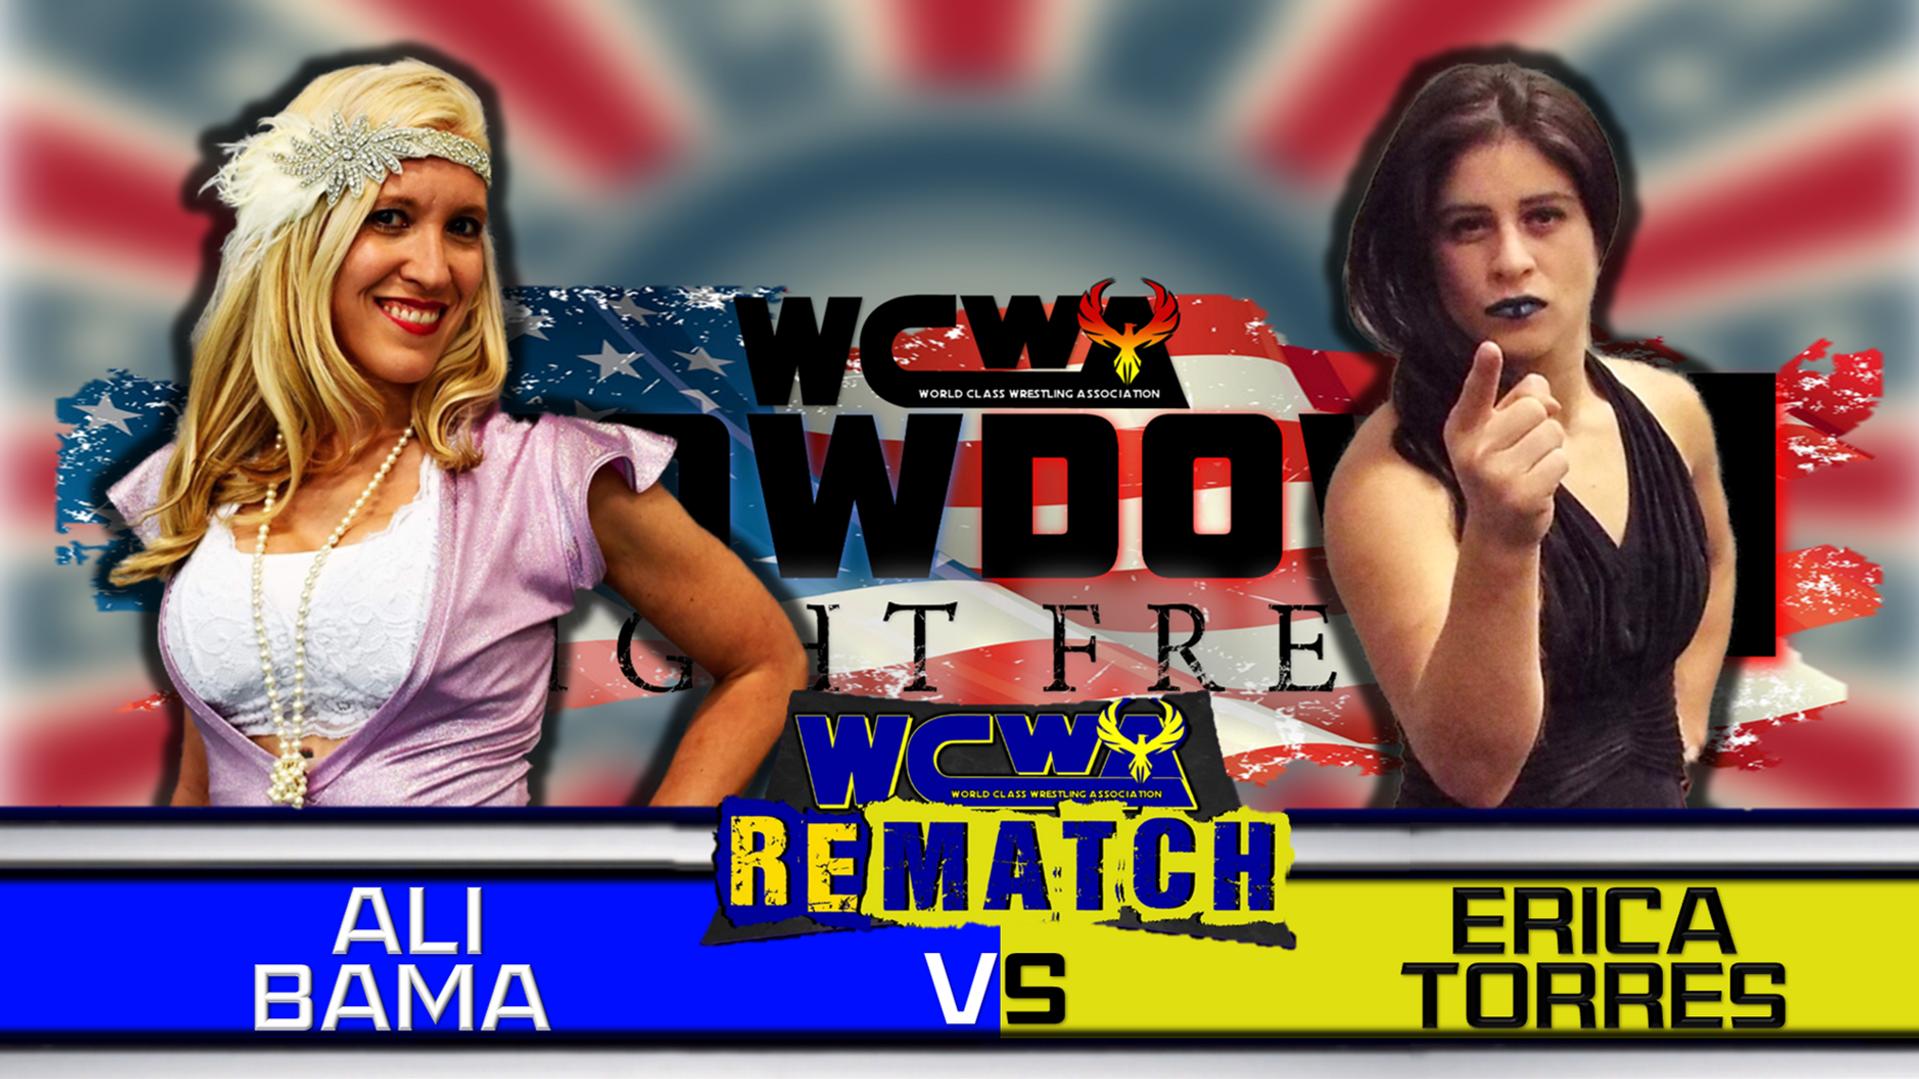 Ali Bama vs Erica Torres